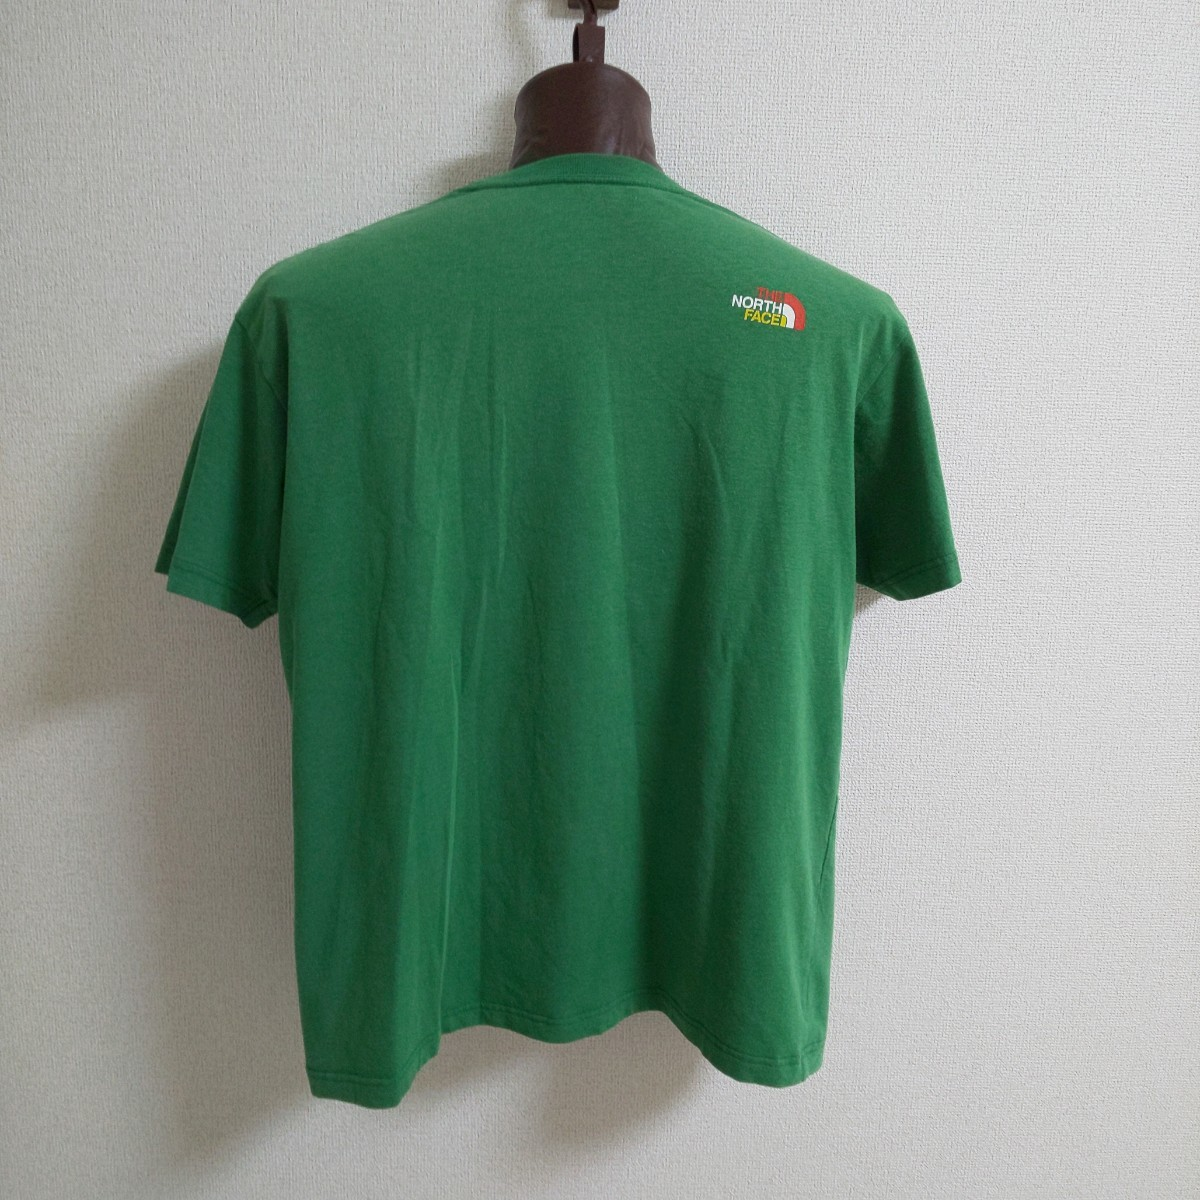 THE NORTH FACE ザノースフェイス ビッグロゴ ロゴTシャツ 半袖Tシャツ Logo Tee